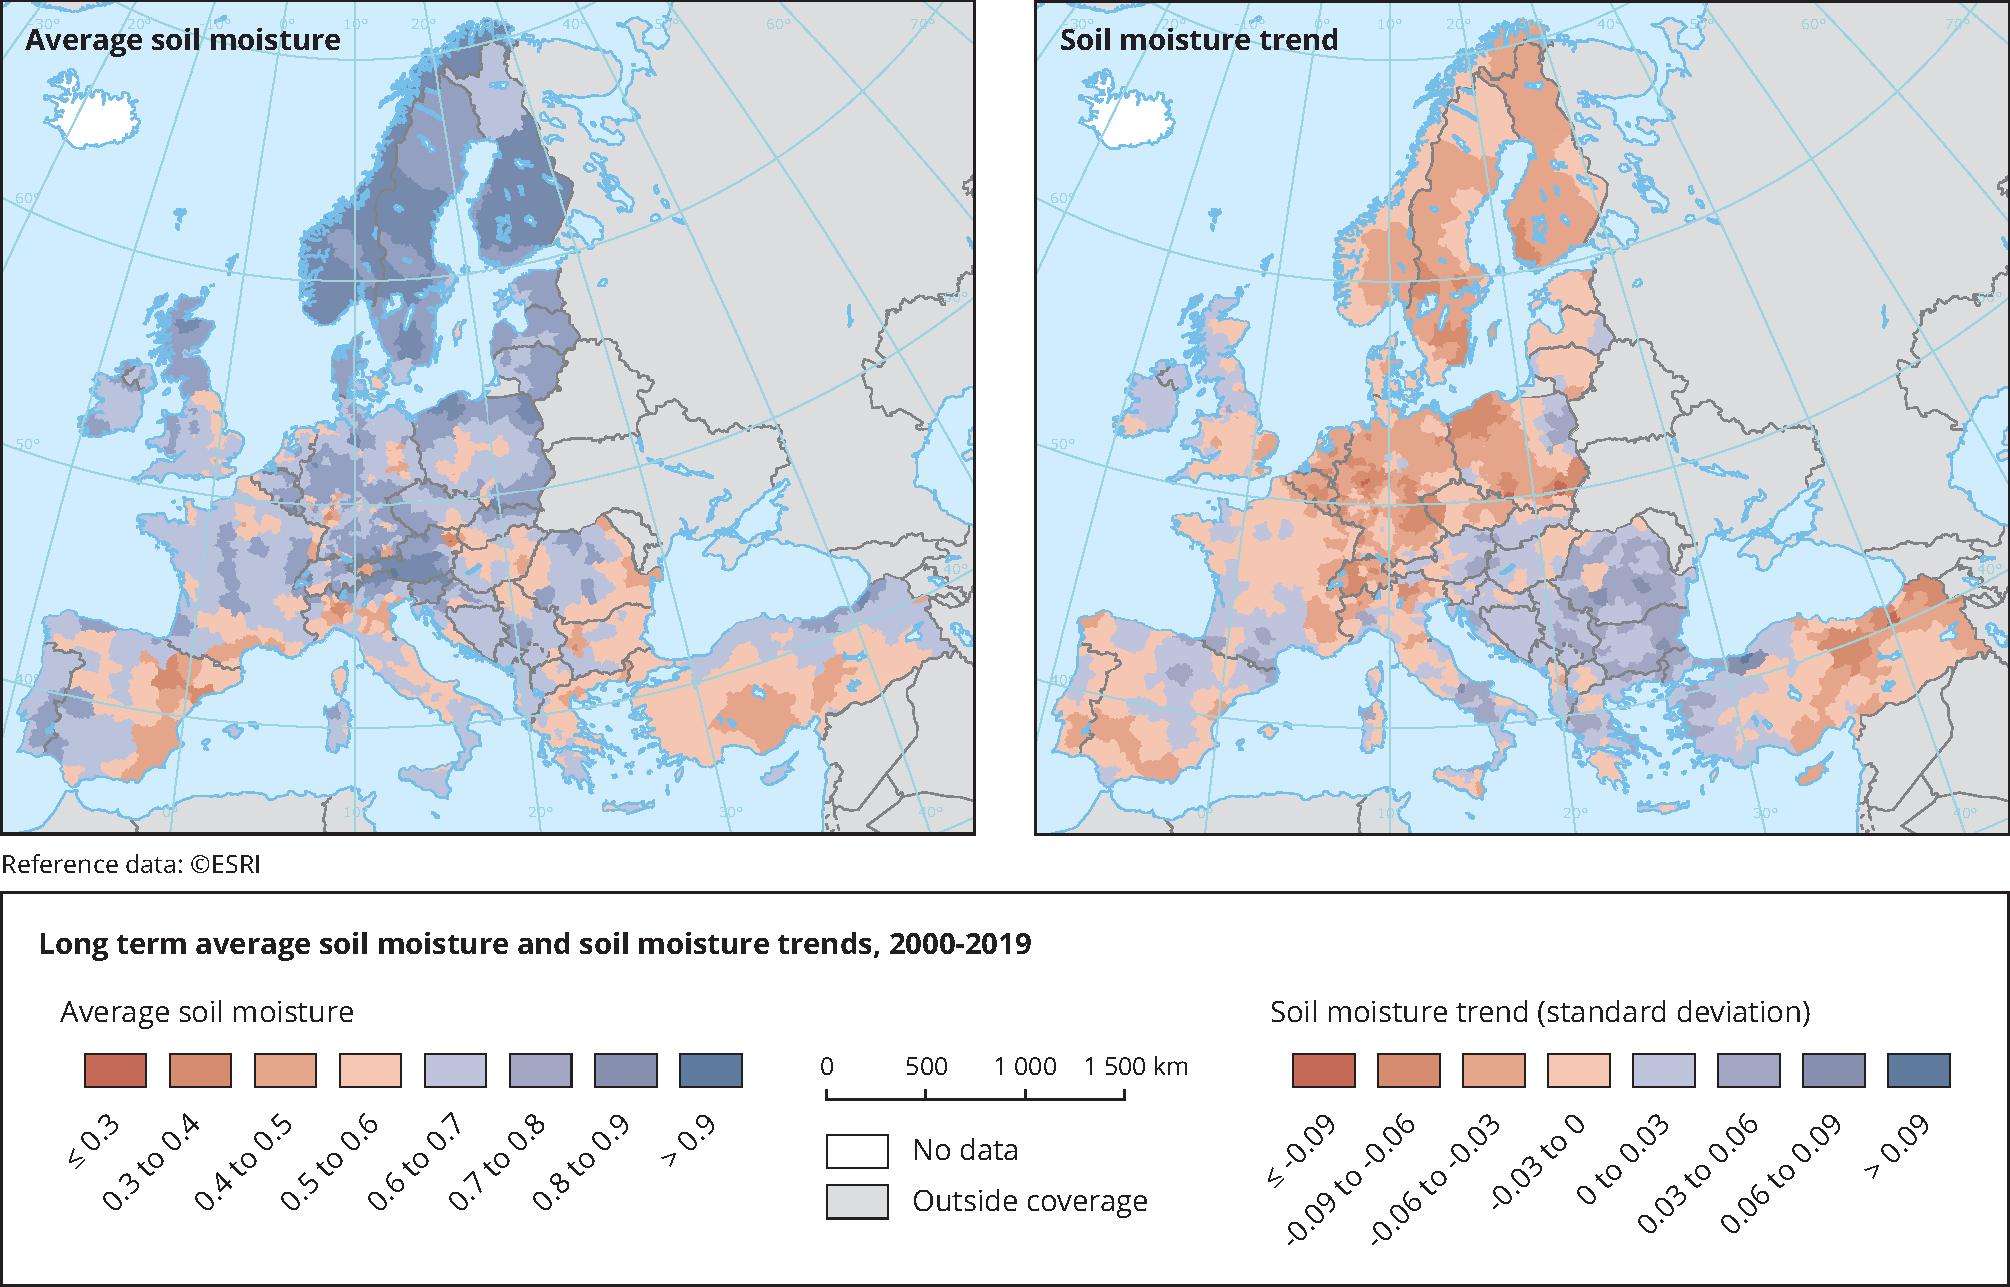 Long term average soil moisture and soil moisture trends, 2000-2019